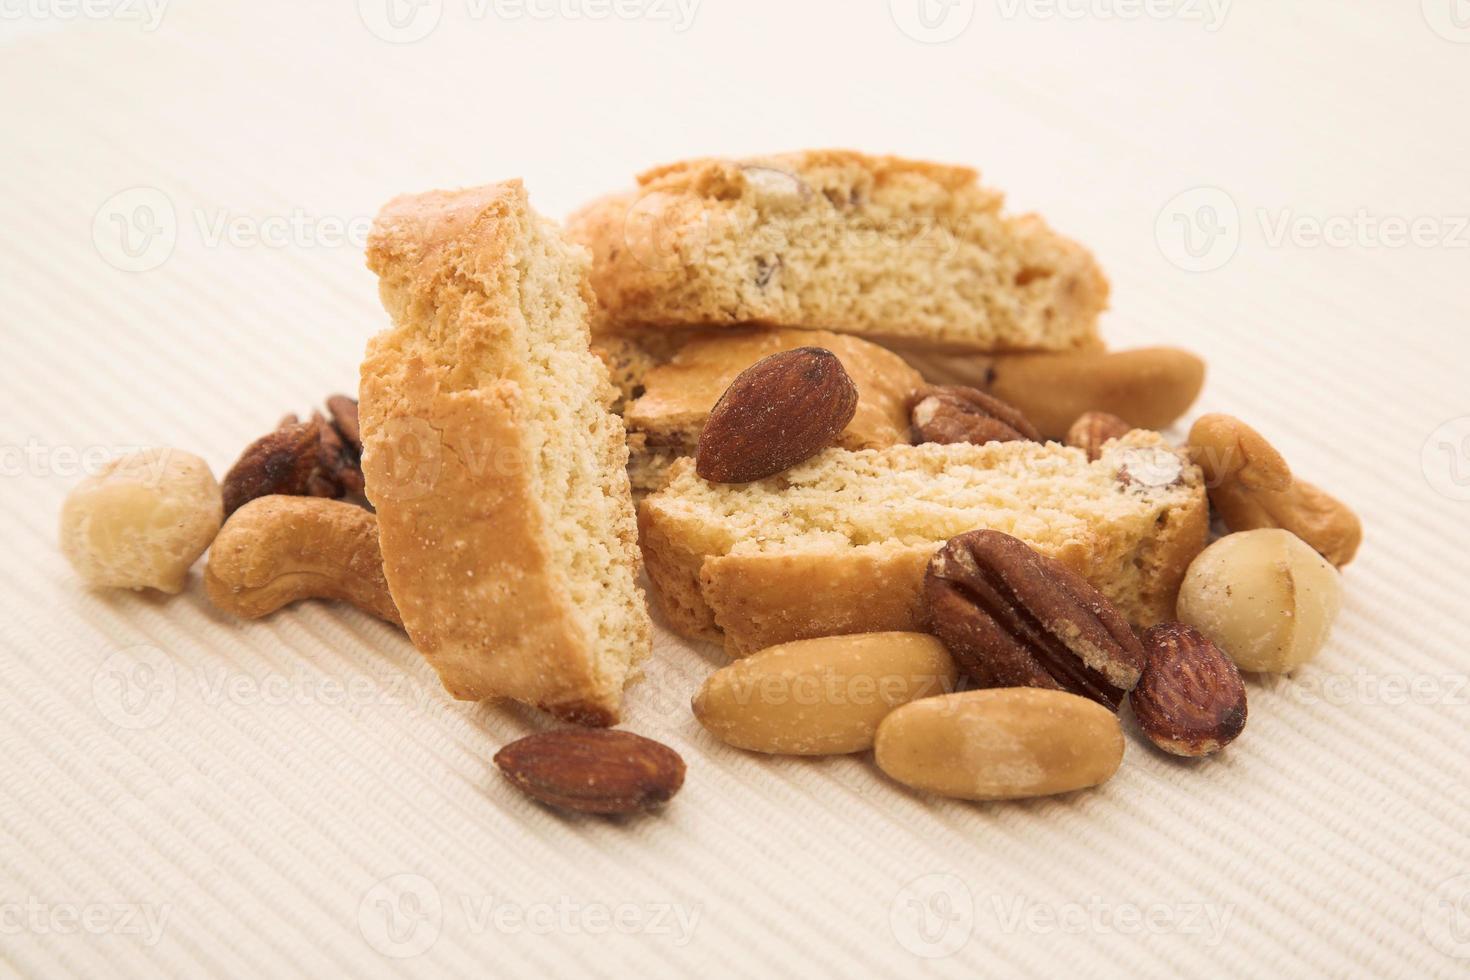 biscotti aux amandes et noix grillées photo